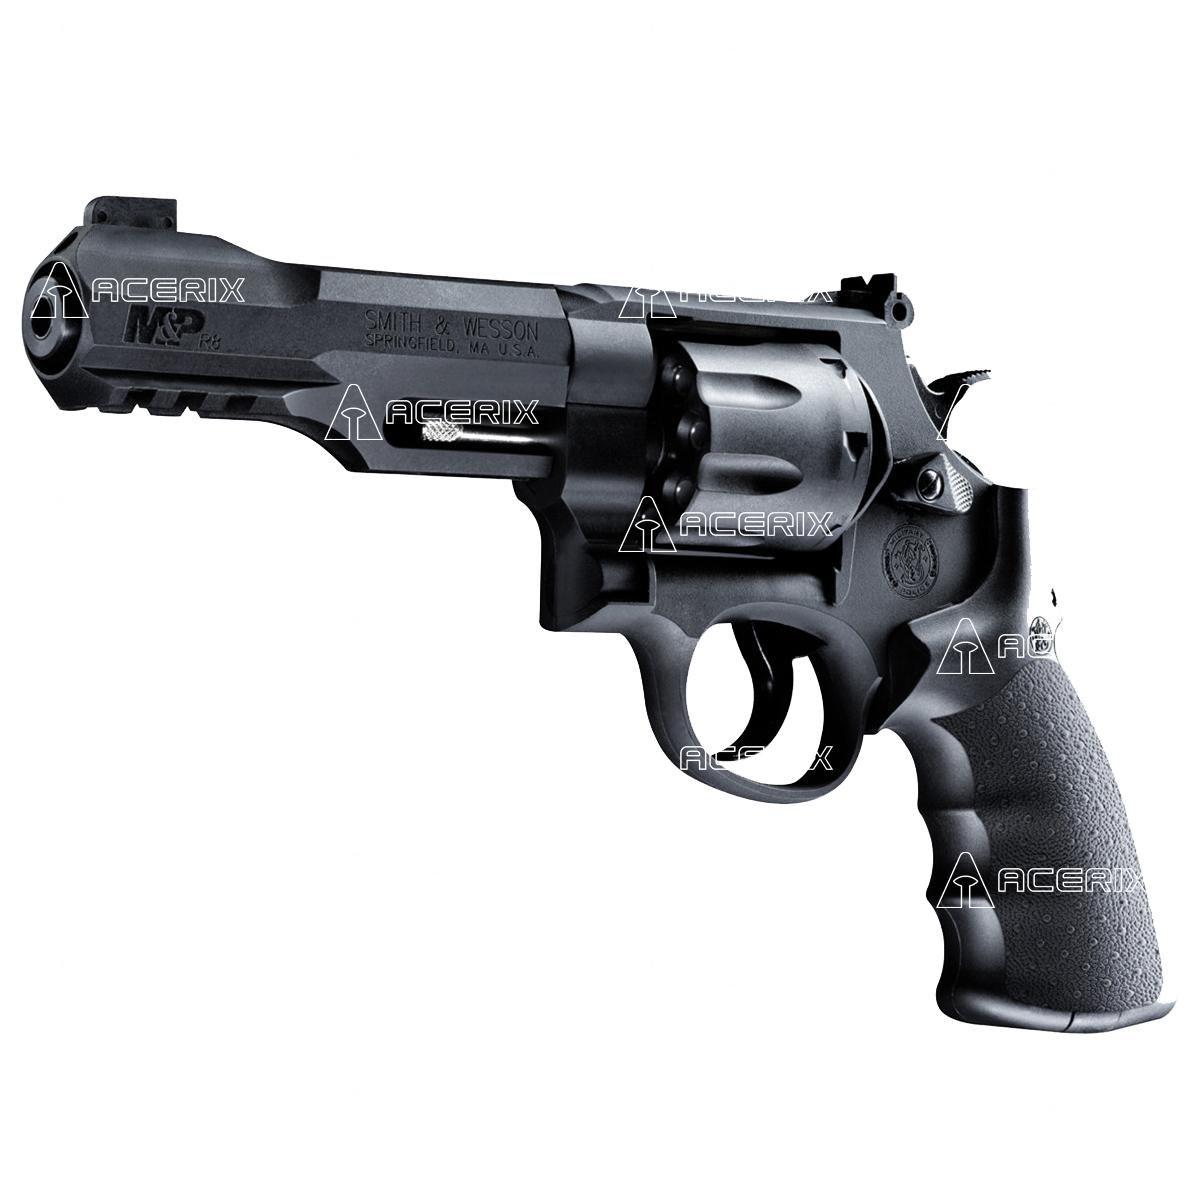 8bedf5102b Pistola Smith & Wesson M&P R8 4,5mm - Acerix Deportes Recreación ARMAS DE  AIRE COMPRIMIDO